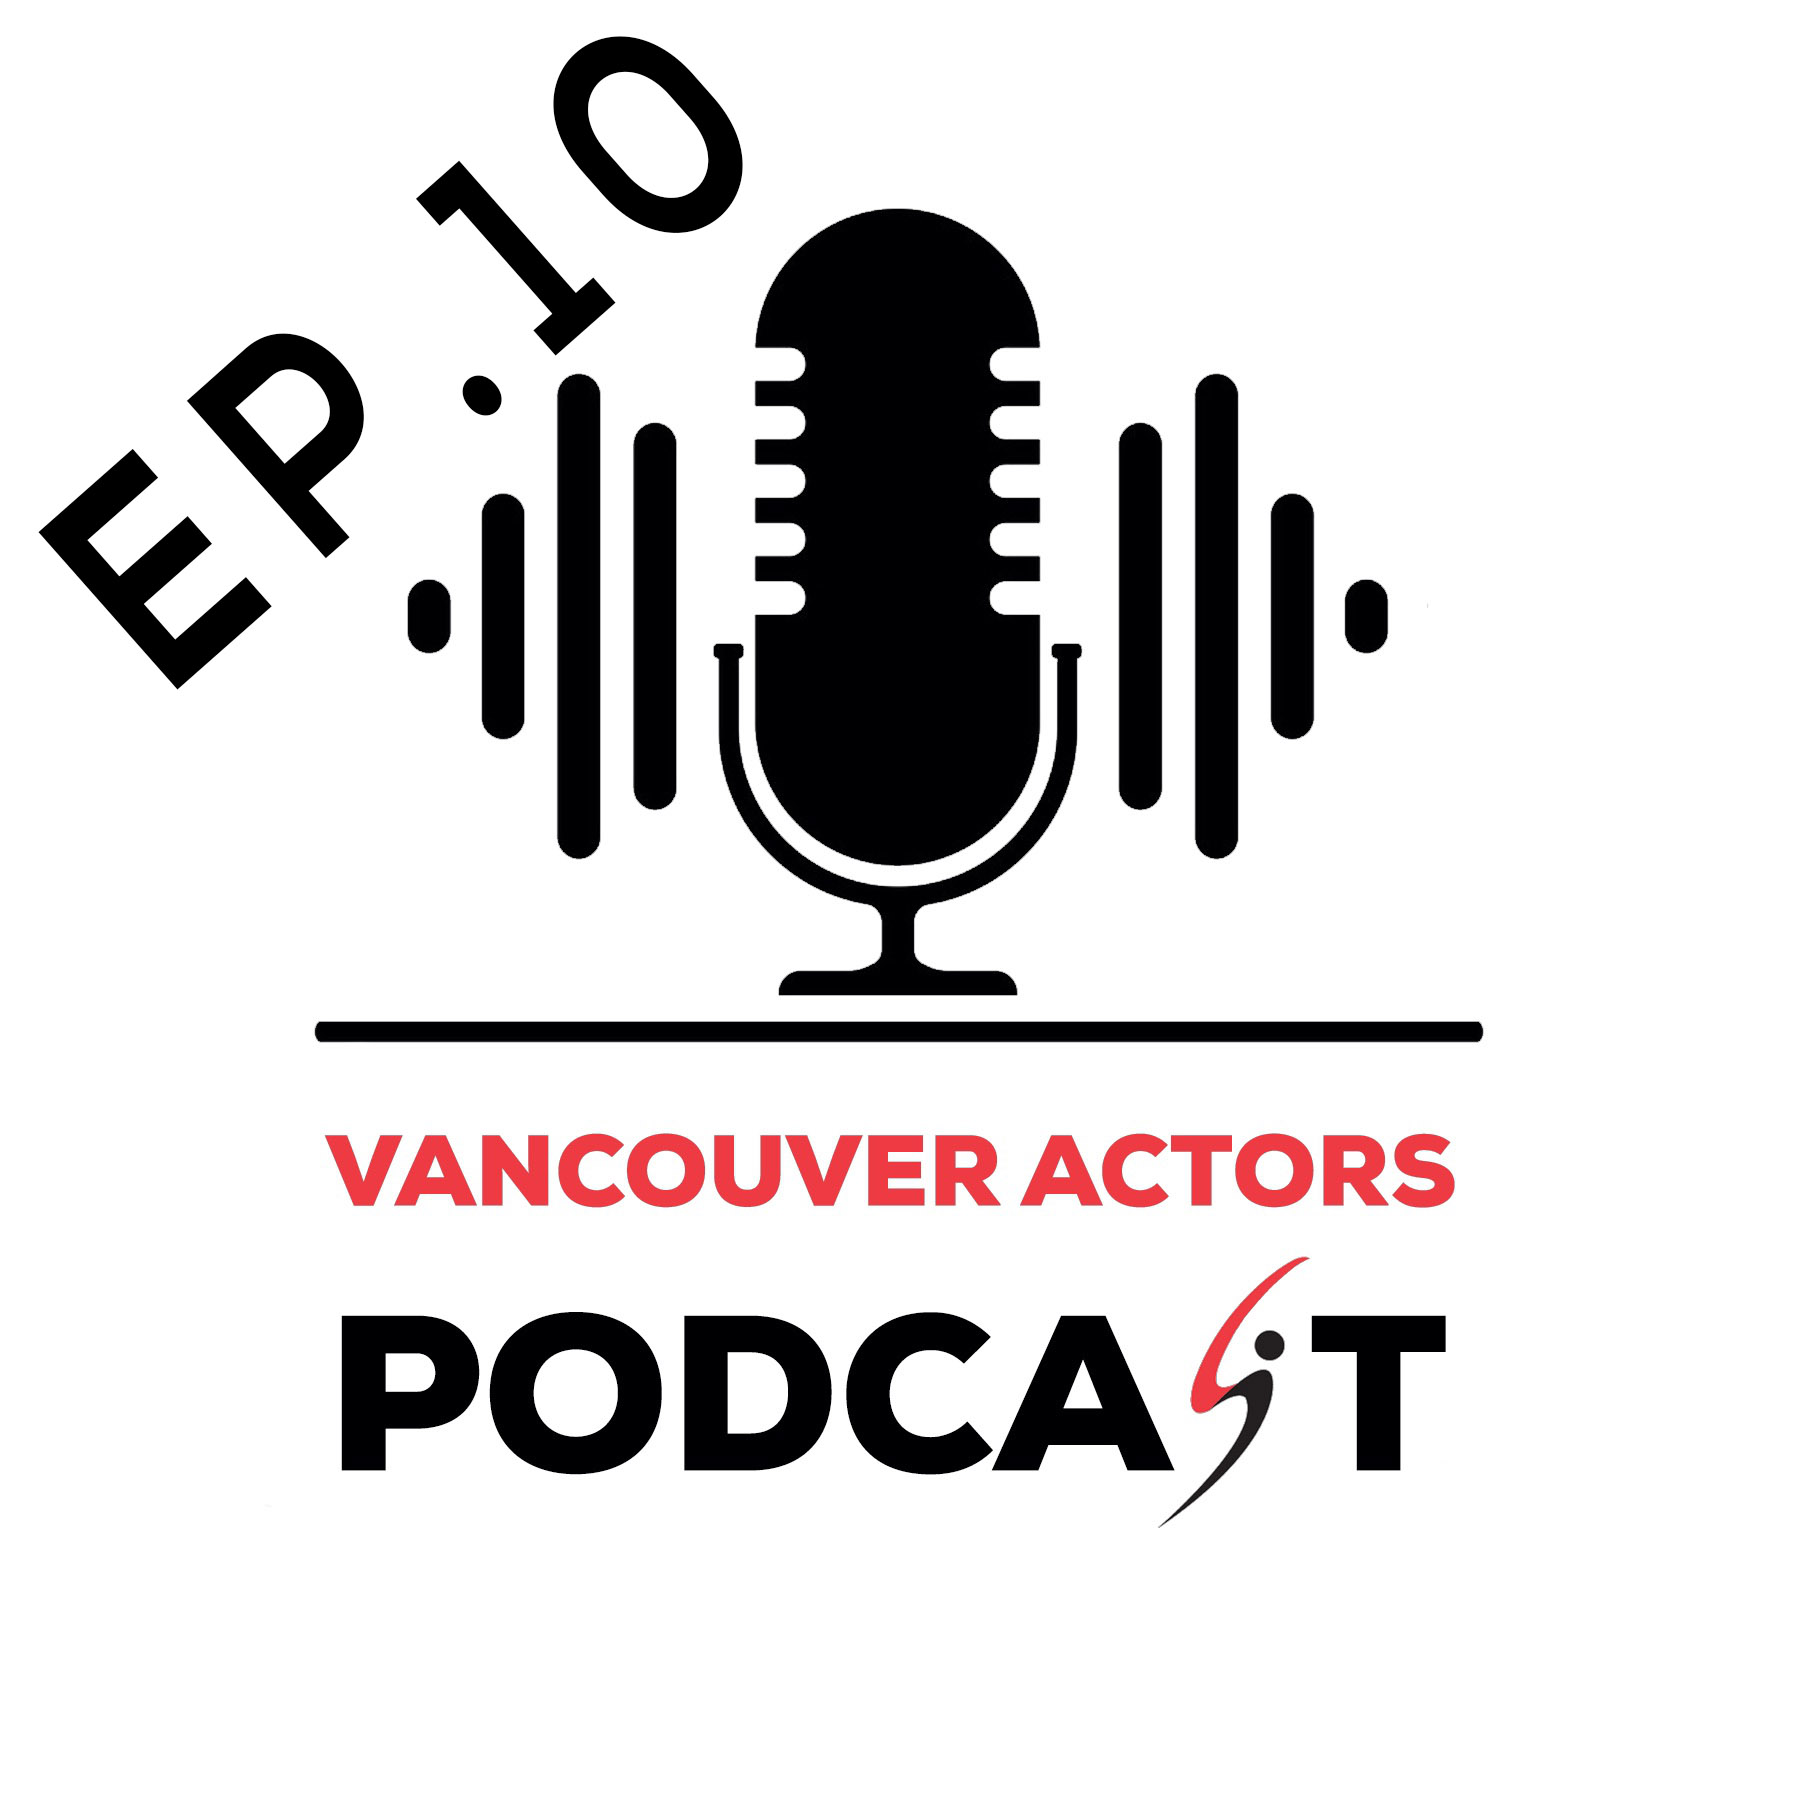 Vancouver Actors Podcast Michael Coleman Ep. 10